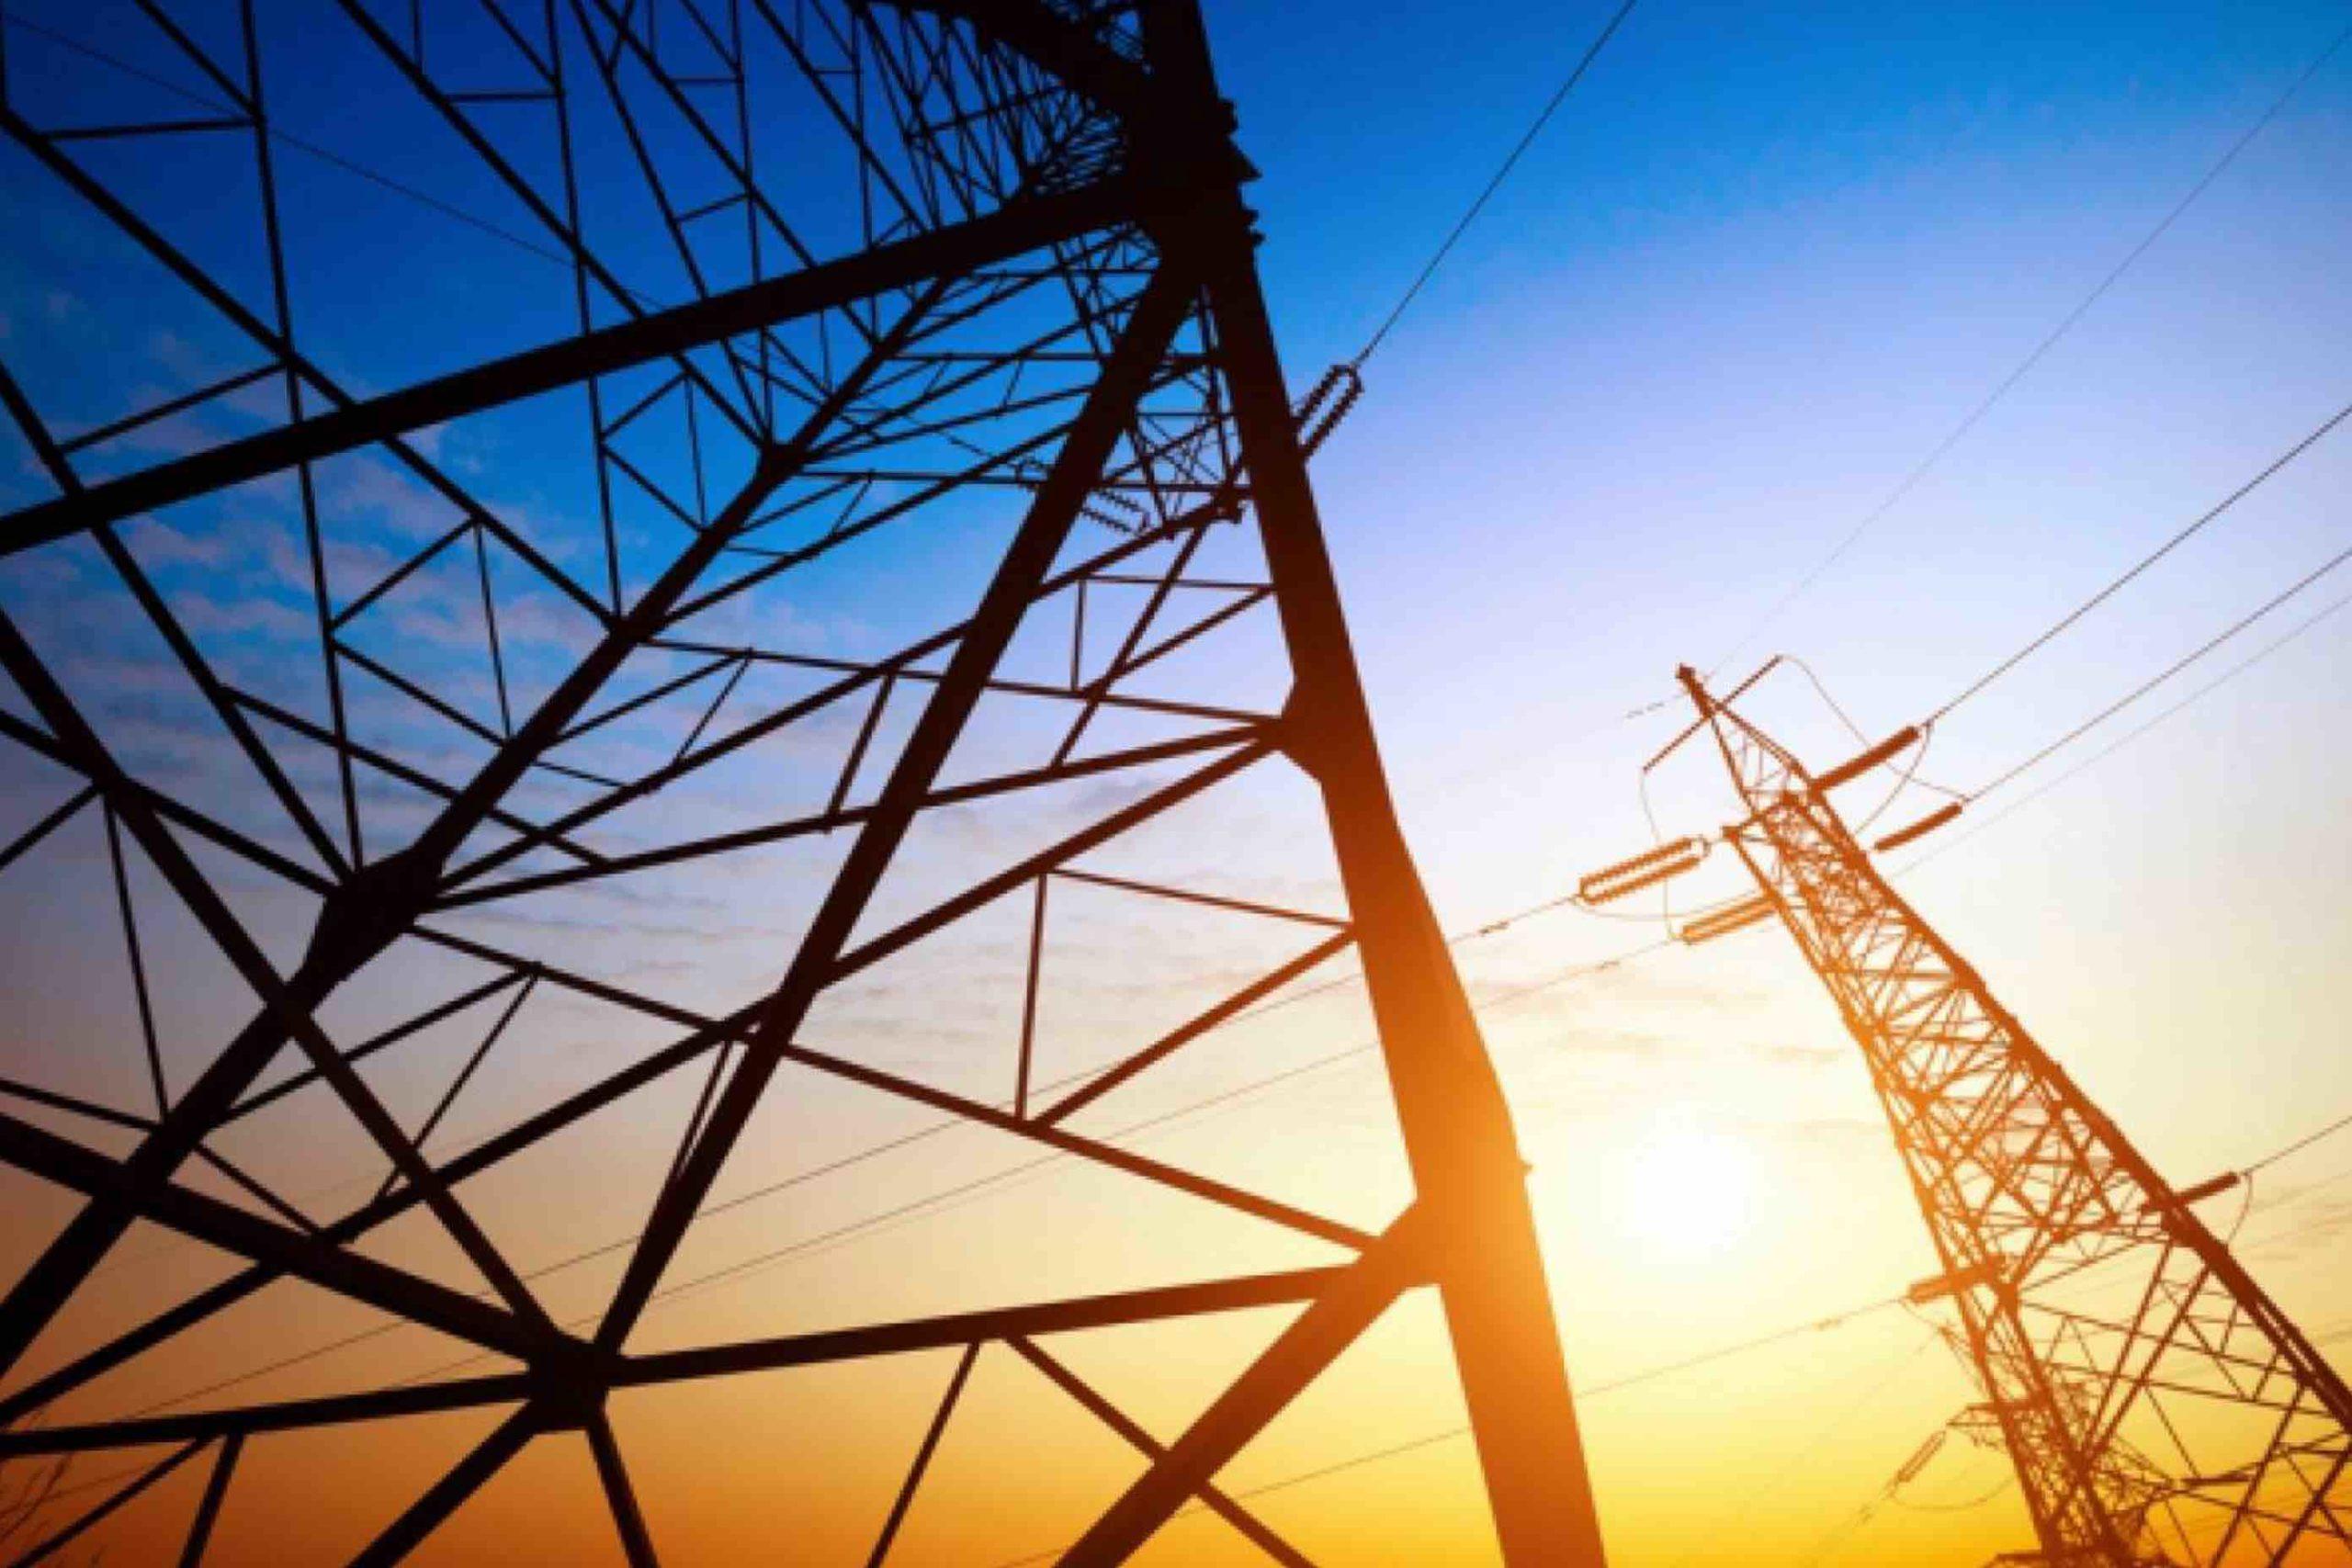 Электросетевое строительство. Организация и осуществление строительного контроля и внутреннего технического надзоров на объектах энергетики ( 11.05-21.05)